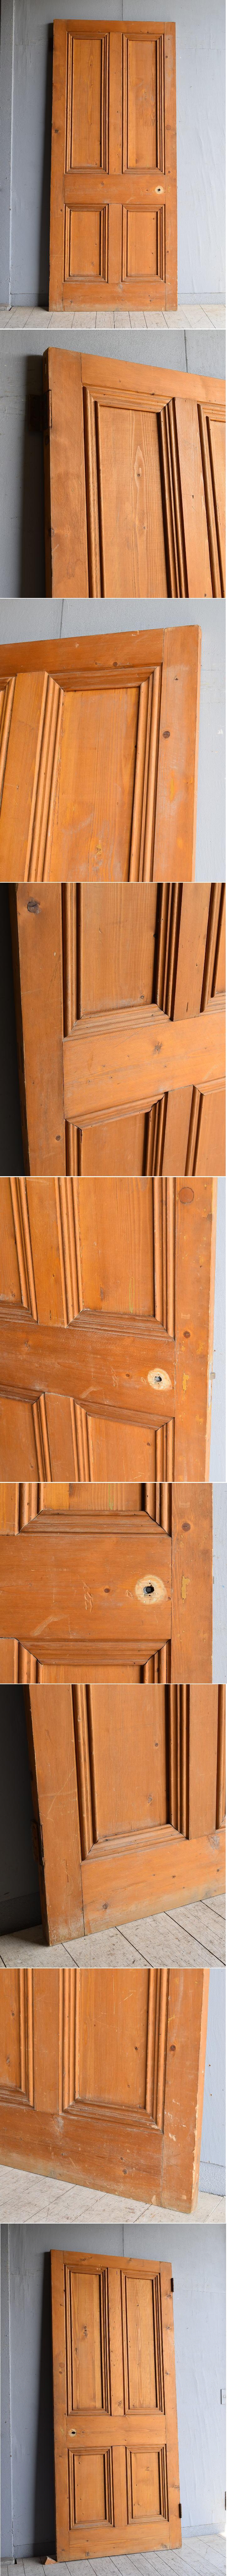 イギリス アンティーク オールドパイン ドア 扉 8401